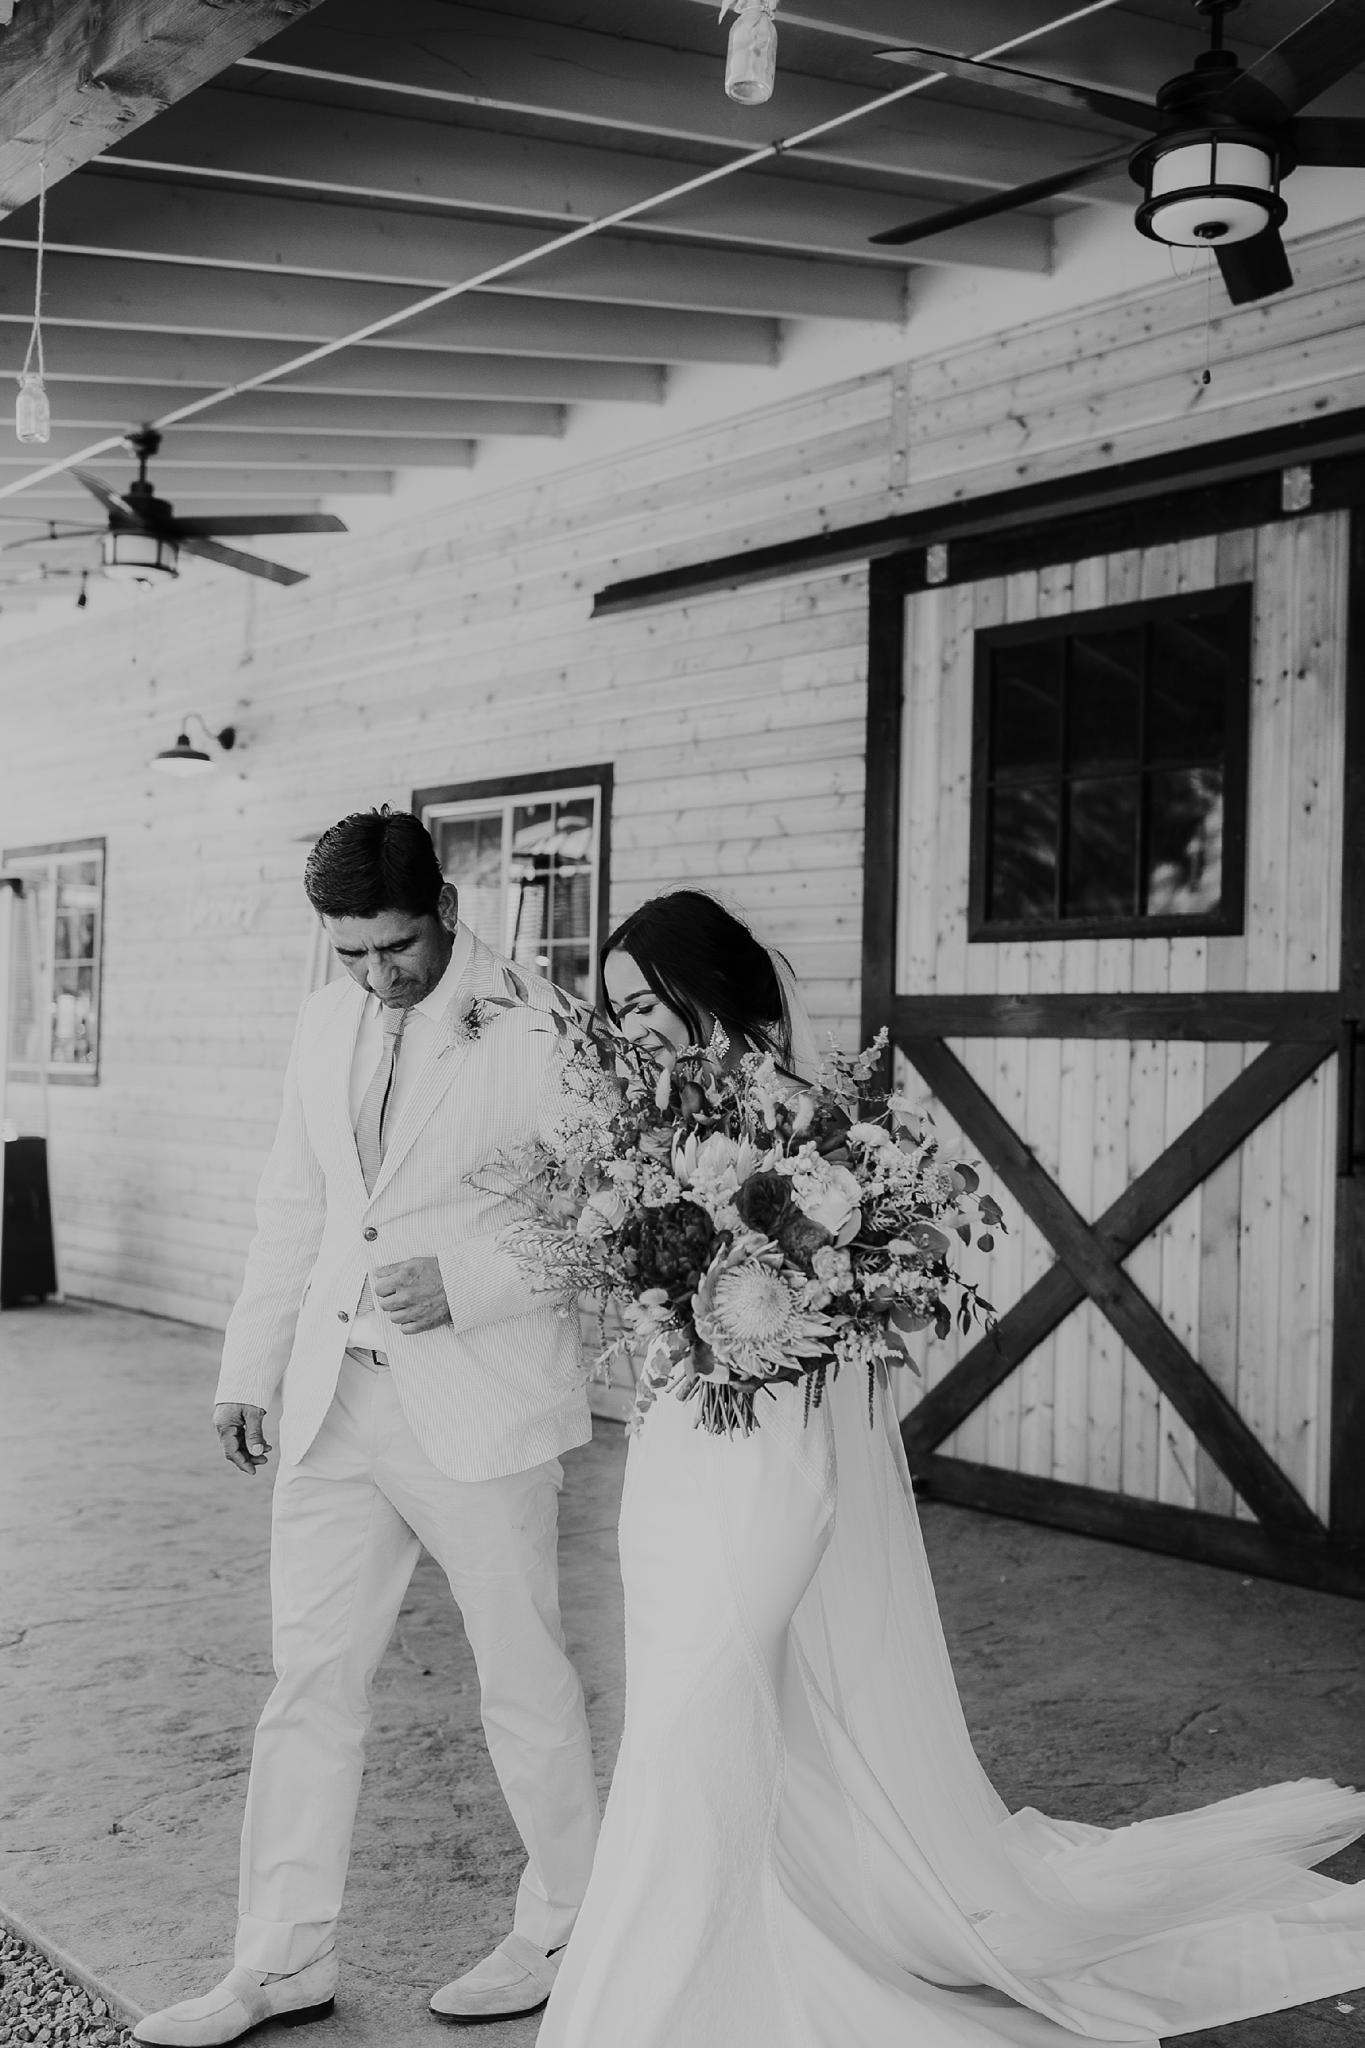 Alicia+lucia+photography+-+albuquerque+wedding+photographer+-+santa+fe+wedding+photography+-+new+mexico+wedding+photographer+-+new+mexico+wedding+-+new+mexico+wedding+-+barn+wedding+-+enchanted+vine+barn+wedding+-+ruidoso+wedding_0093.jpg